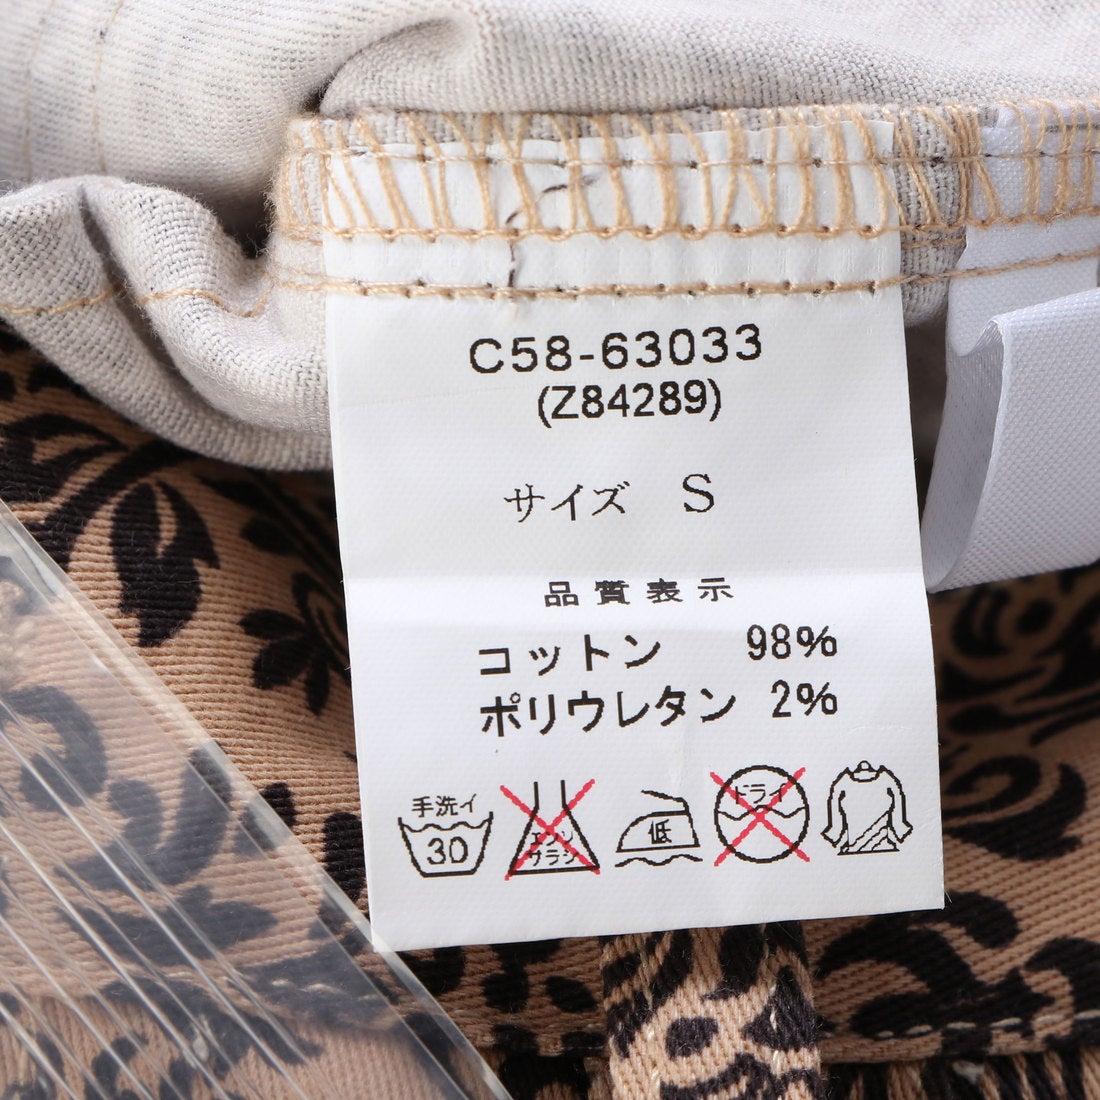 インデックス Index 花柄 壁紙スキニ パンツ ベージュ